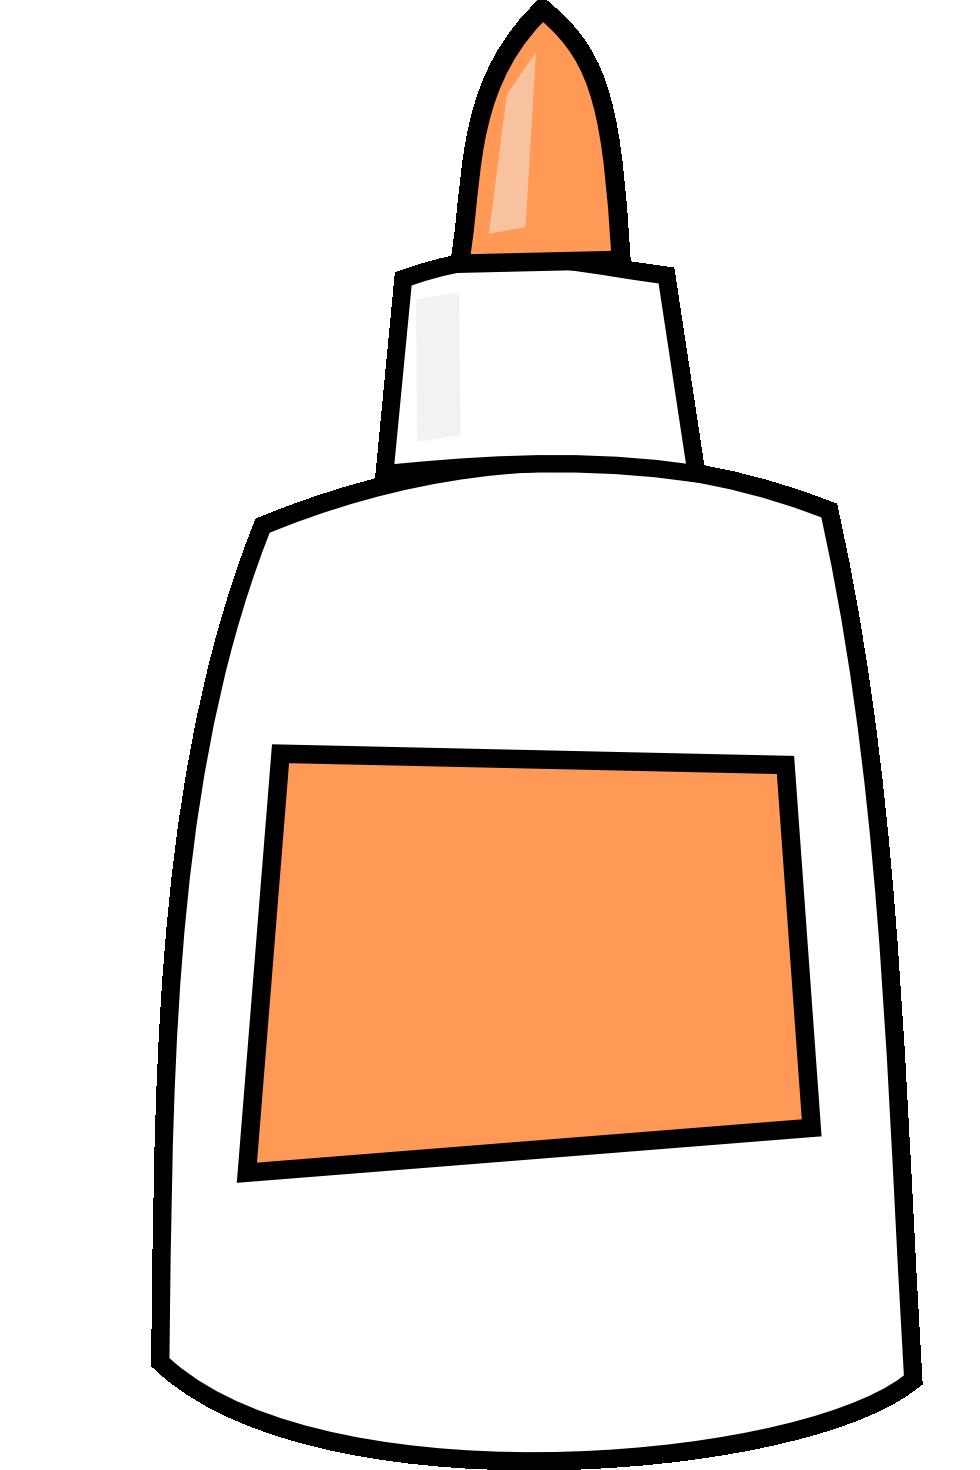 glue-clip-art-lmproulx_glue_scalable_vector_graphics_svg_clip_art_wall ...: www.clipartpanda.com/categories/glue-clip-art